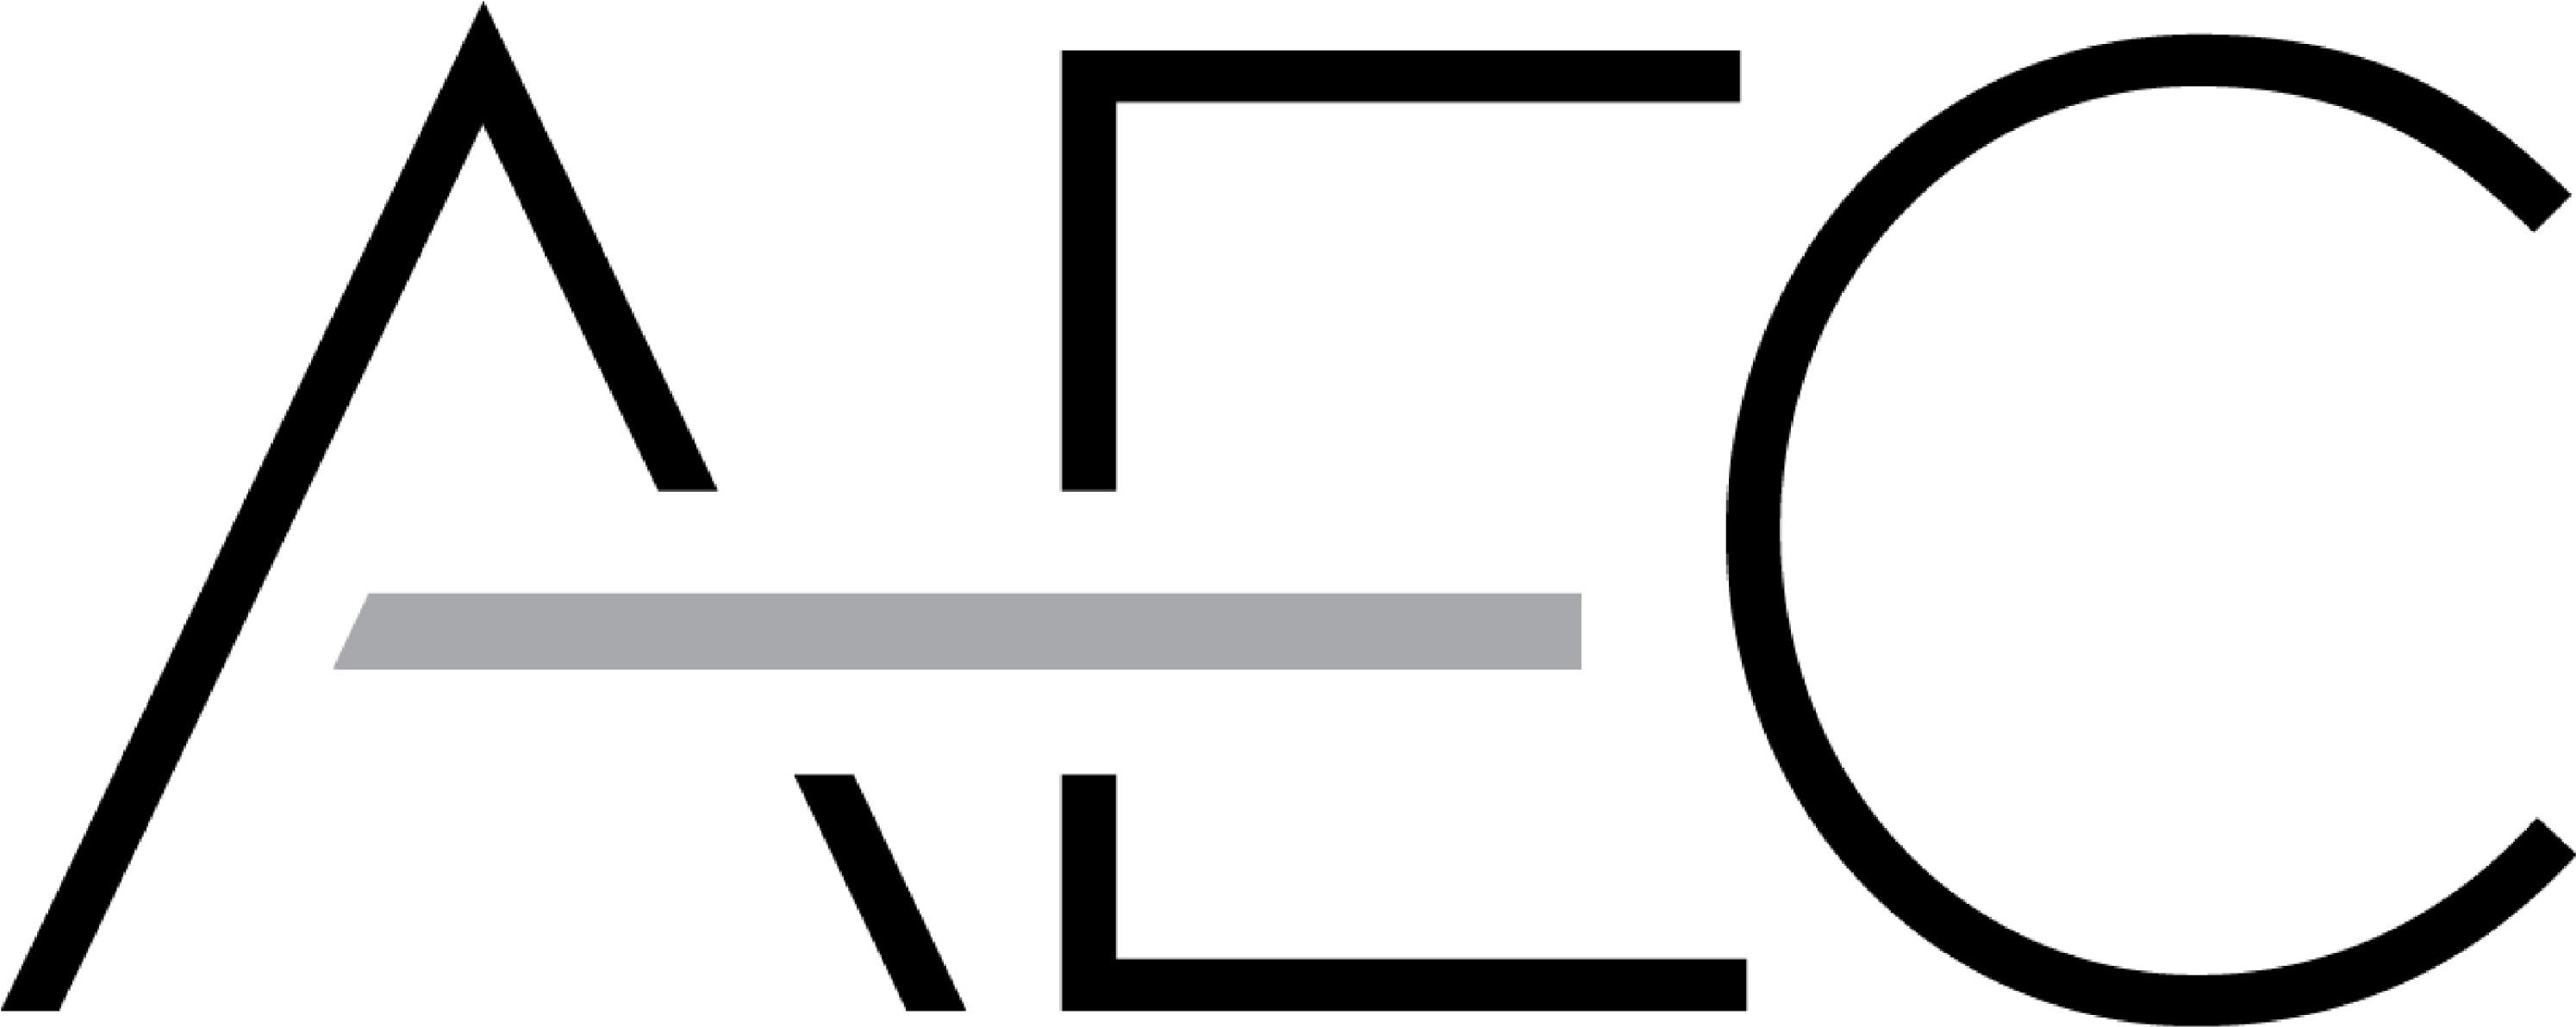 2021 EP!C Series - AEC logo